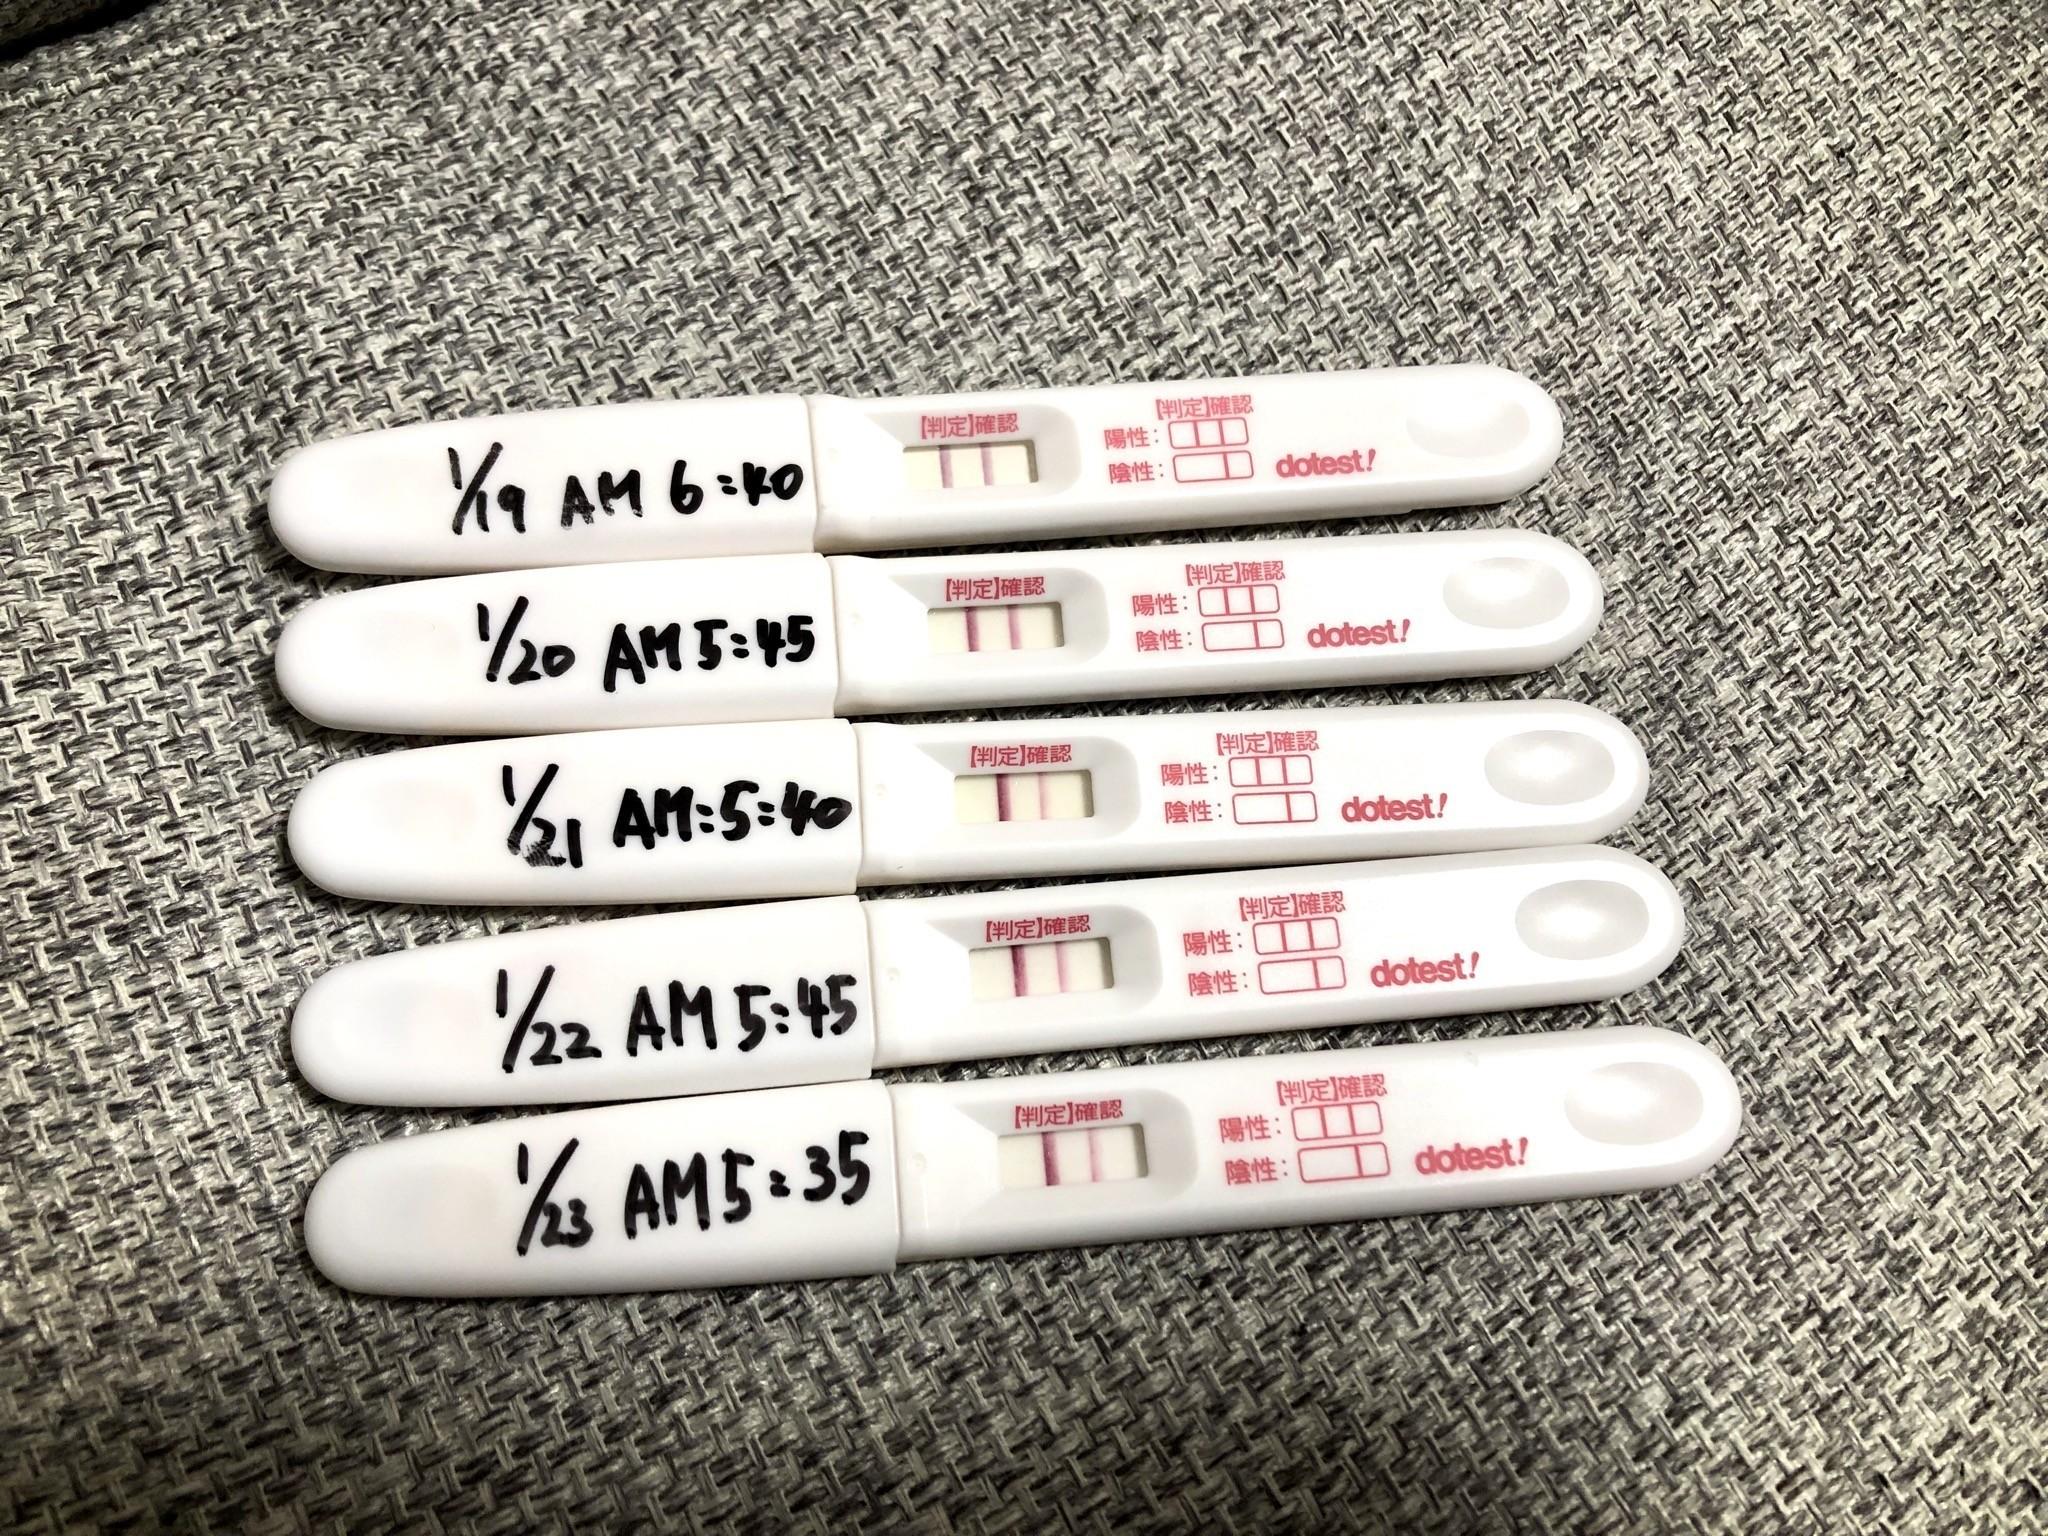 妊娠 薬 ドゥテスト 検査